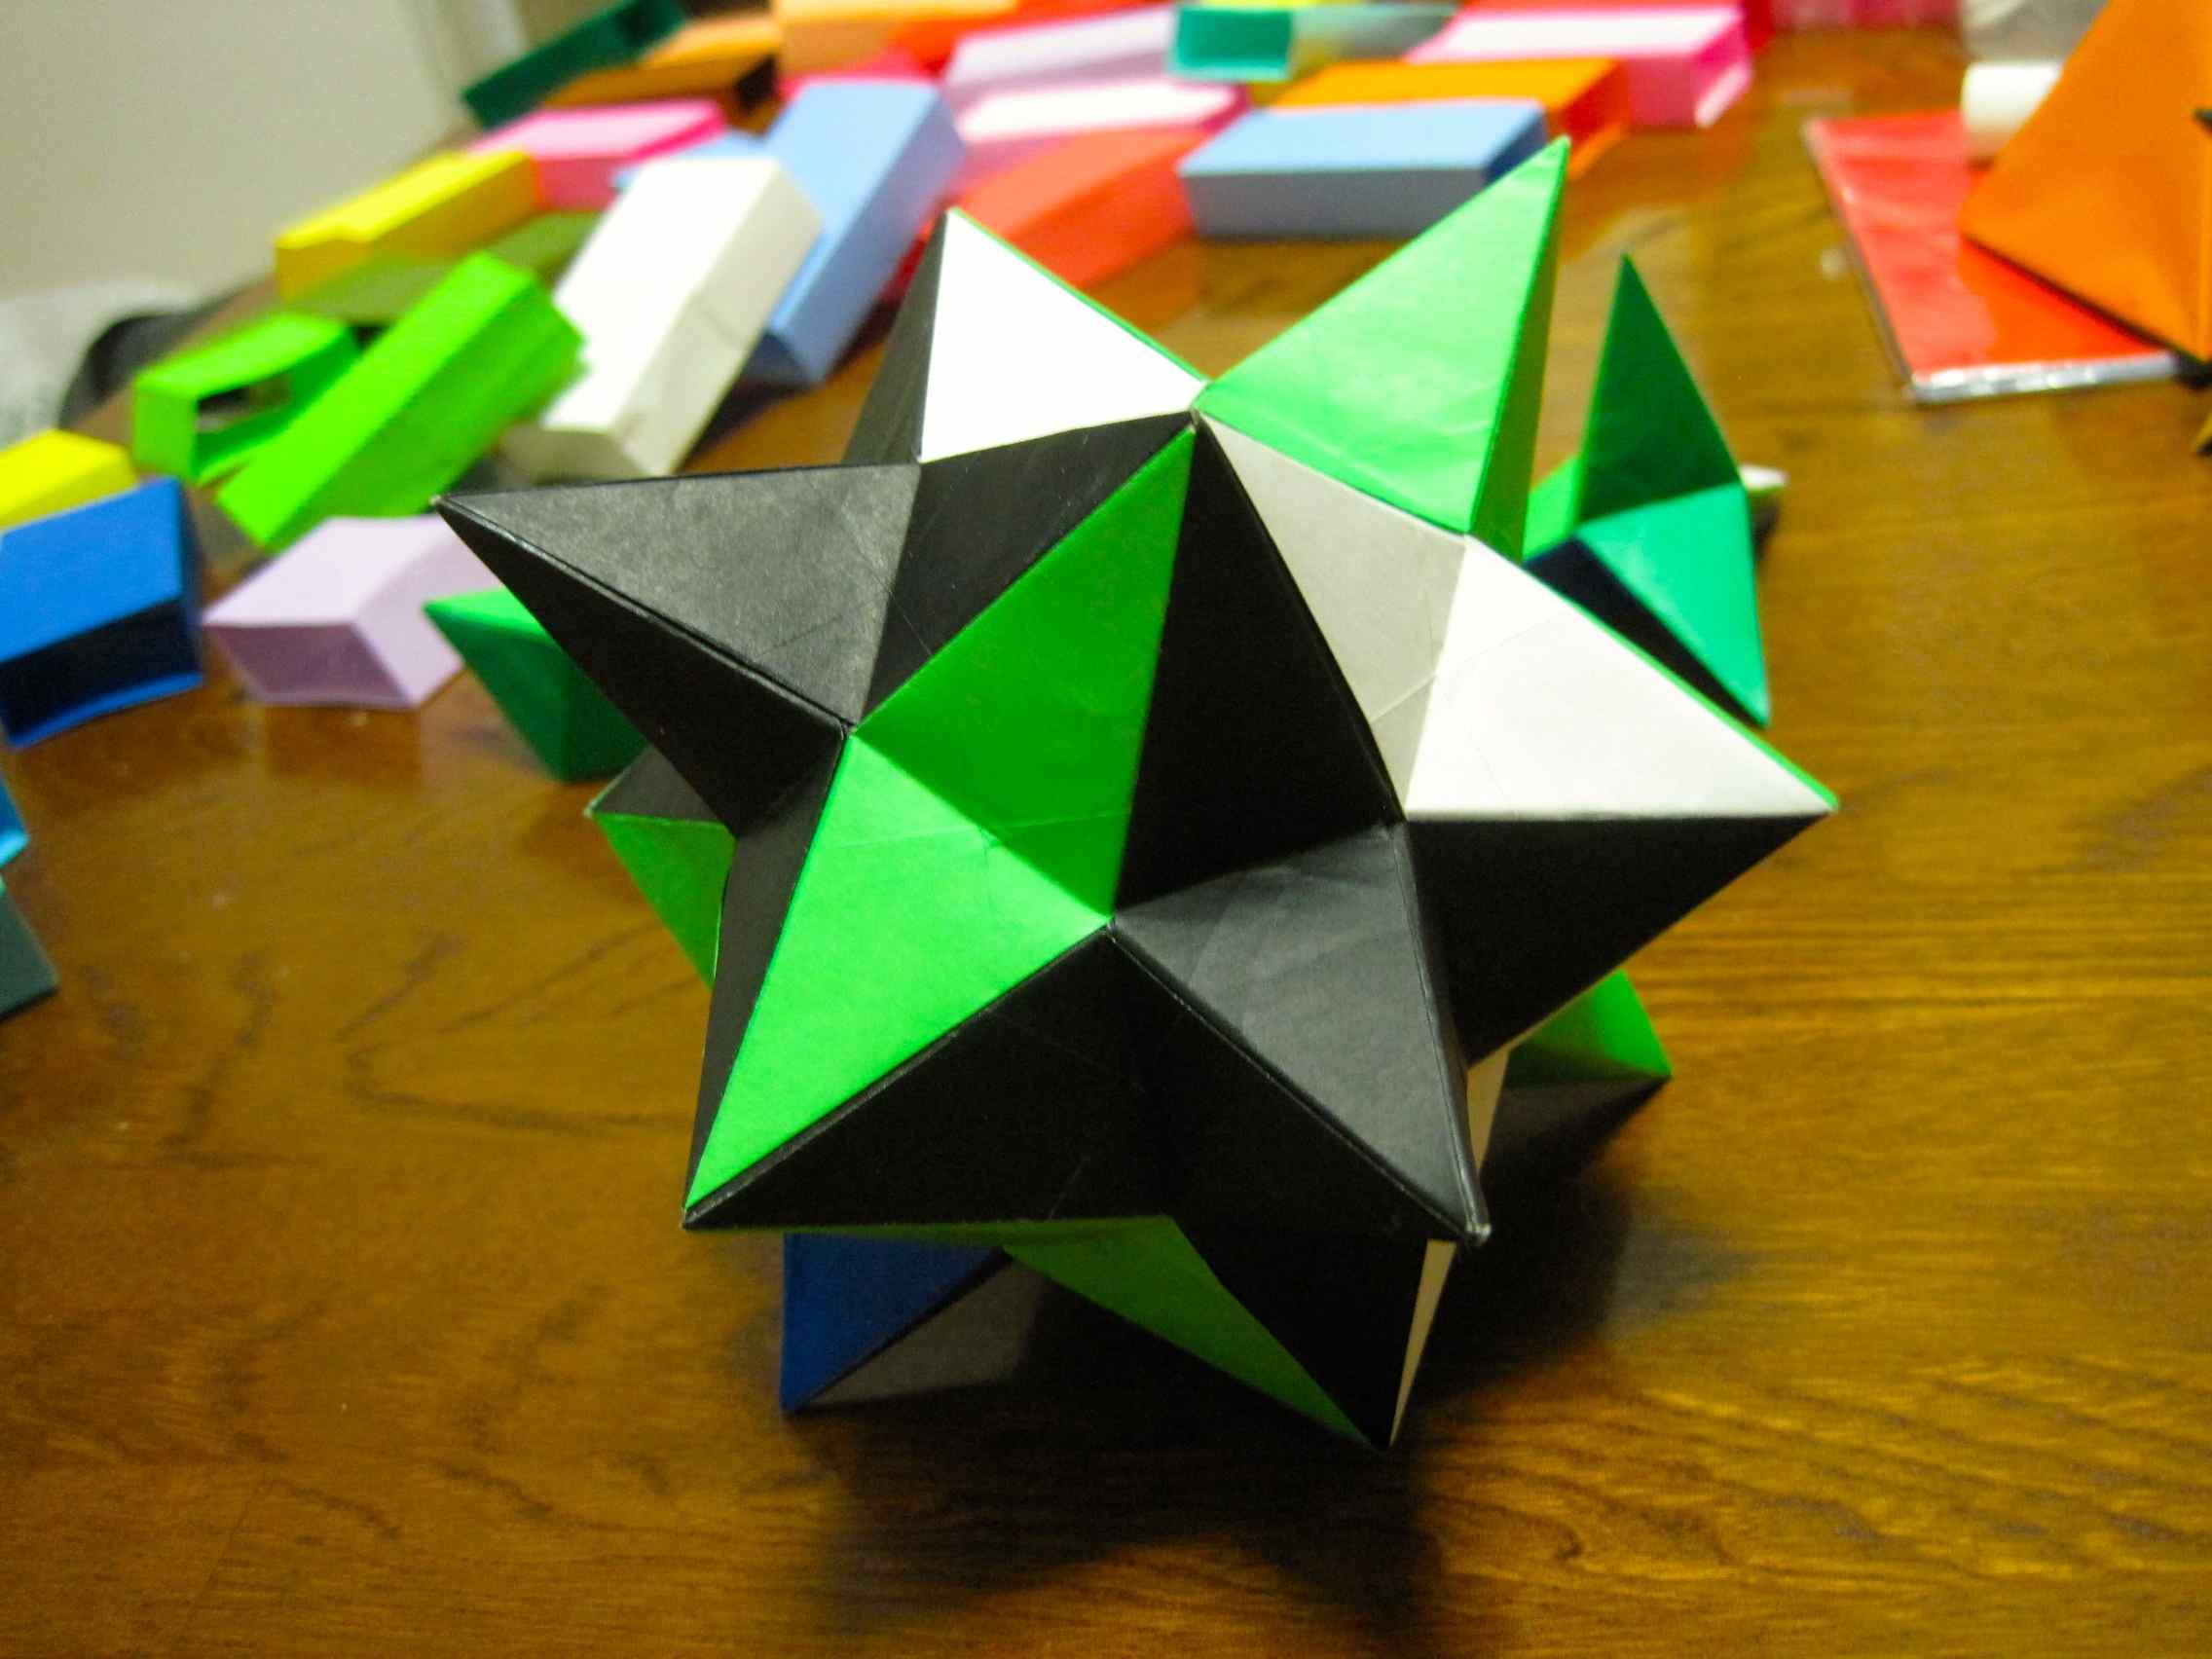 すべての折り紙 折り紙 多面体 : Origami Paper Folding Art